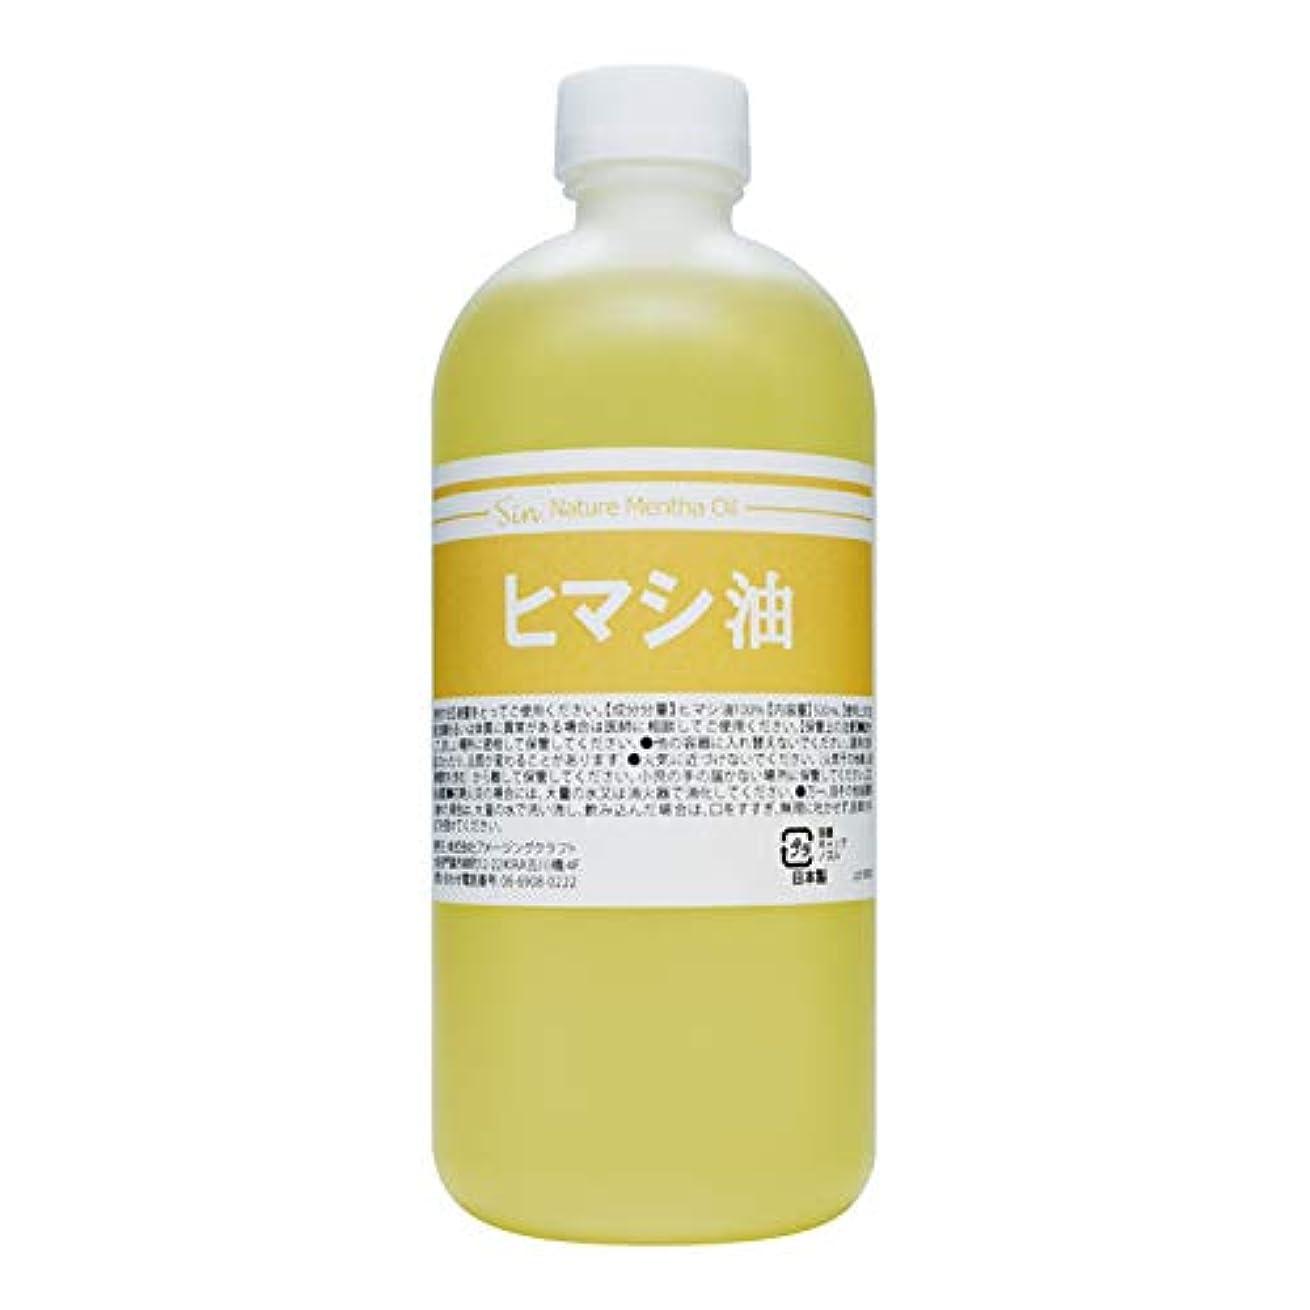 アームストロングスポンジ有限天然無添加 国内精製 ひまし油 500ml (ヒマシ油 キャスターオイル)